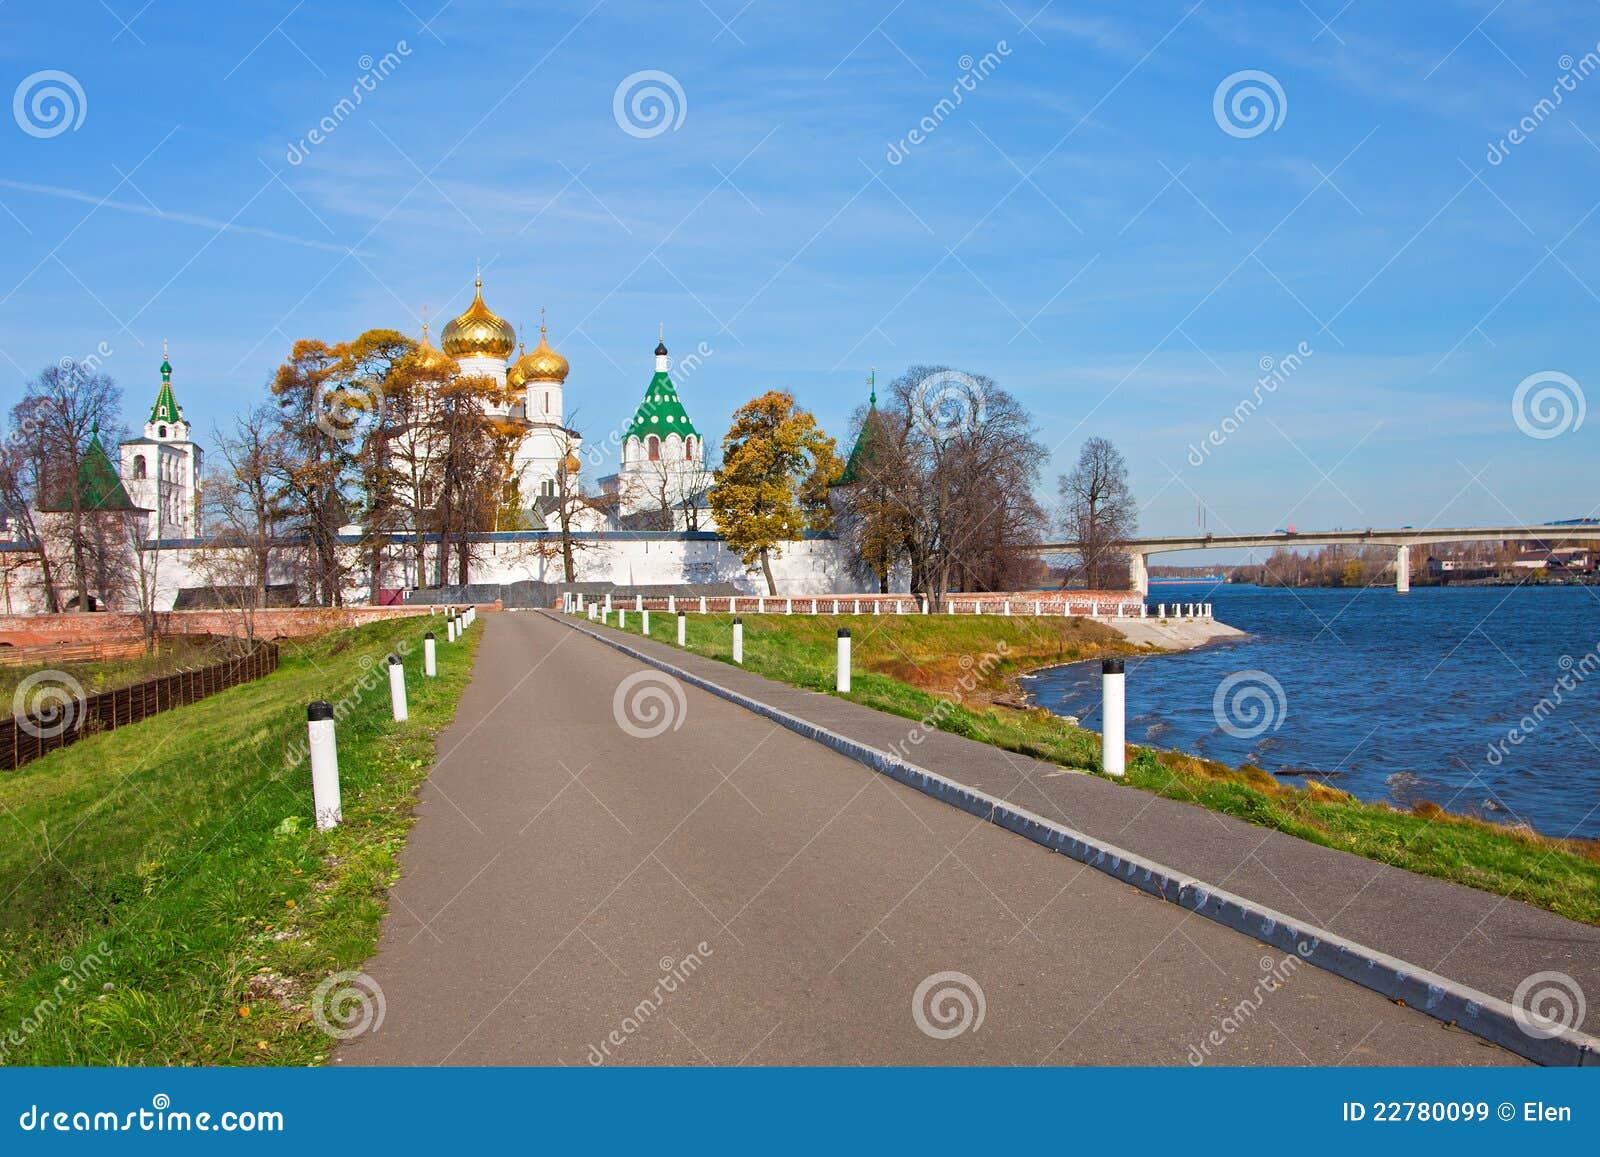 Καθεδρικός ναός χριστιανισμού στη Ρωσία, πόλη Kostroma, μοναστήρι Ipatievsky